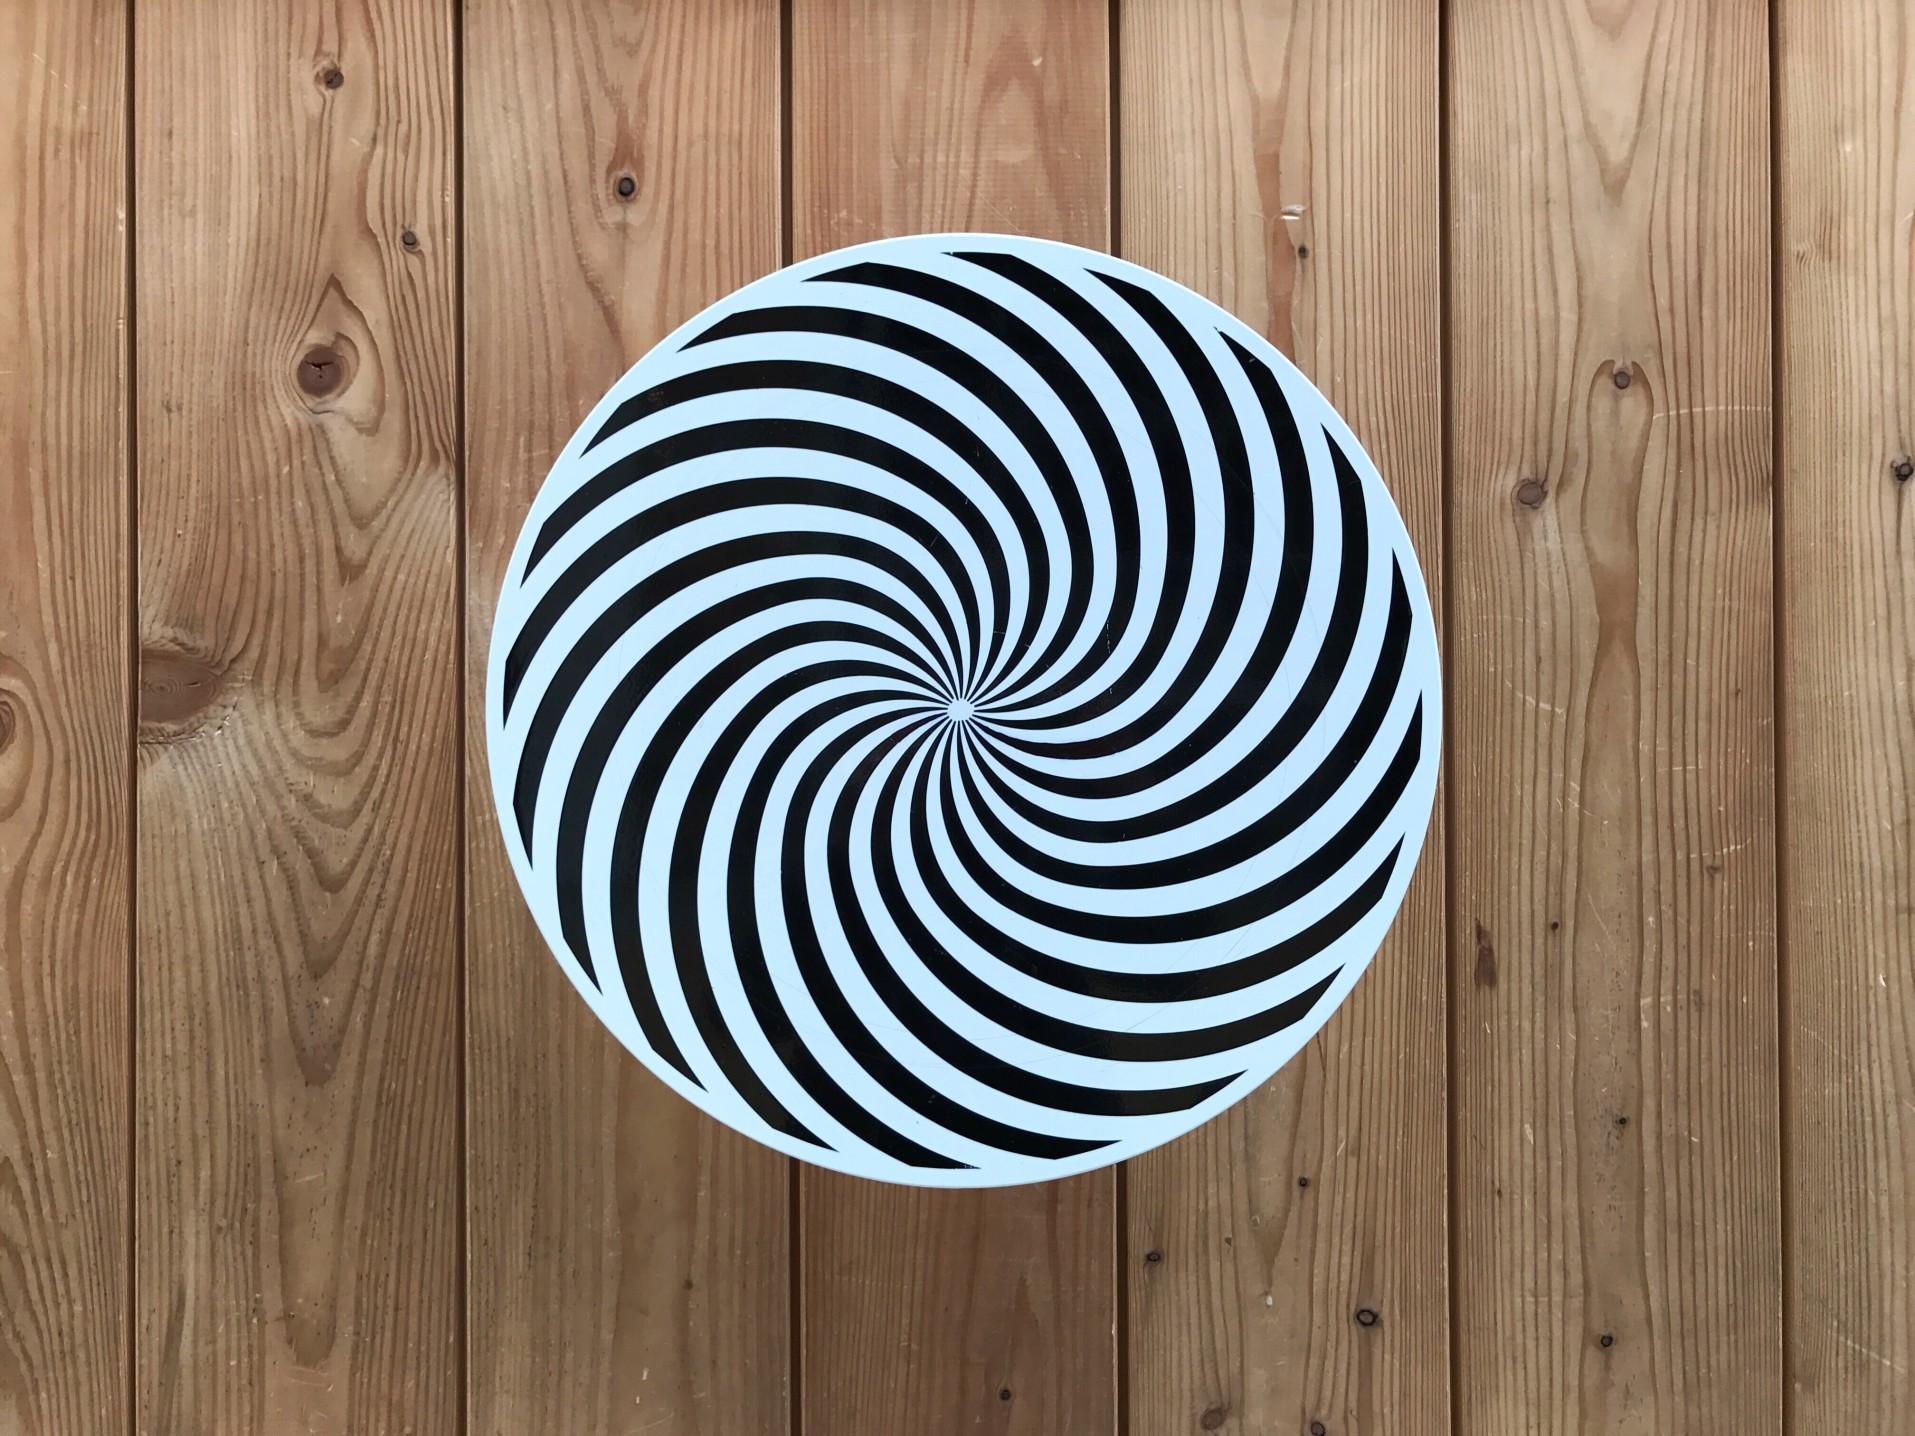 L'hypnose à quoi peut-elle servir ?